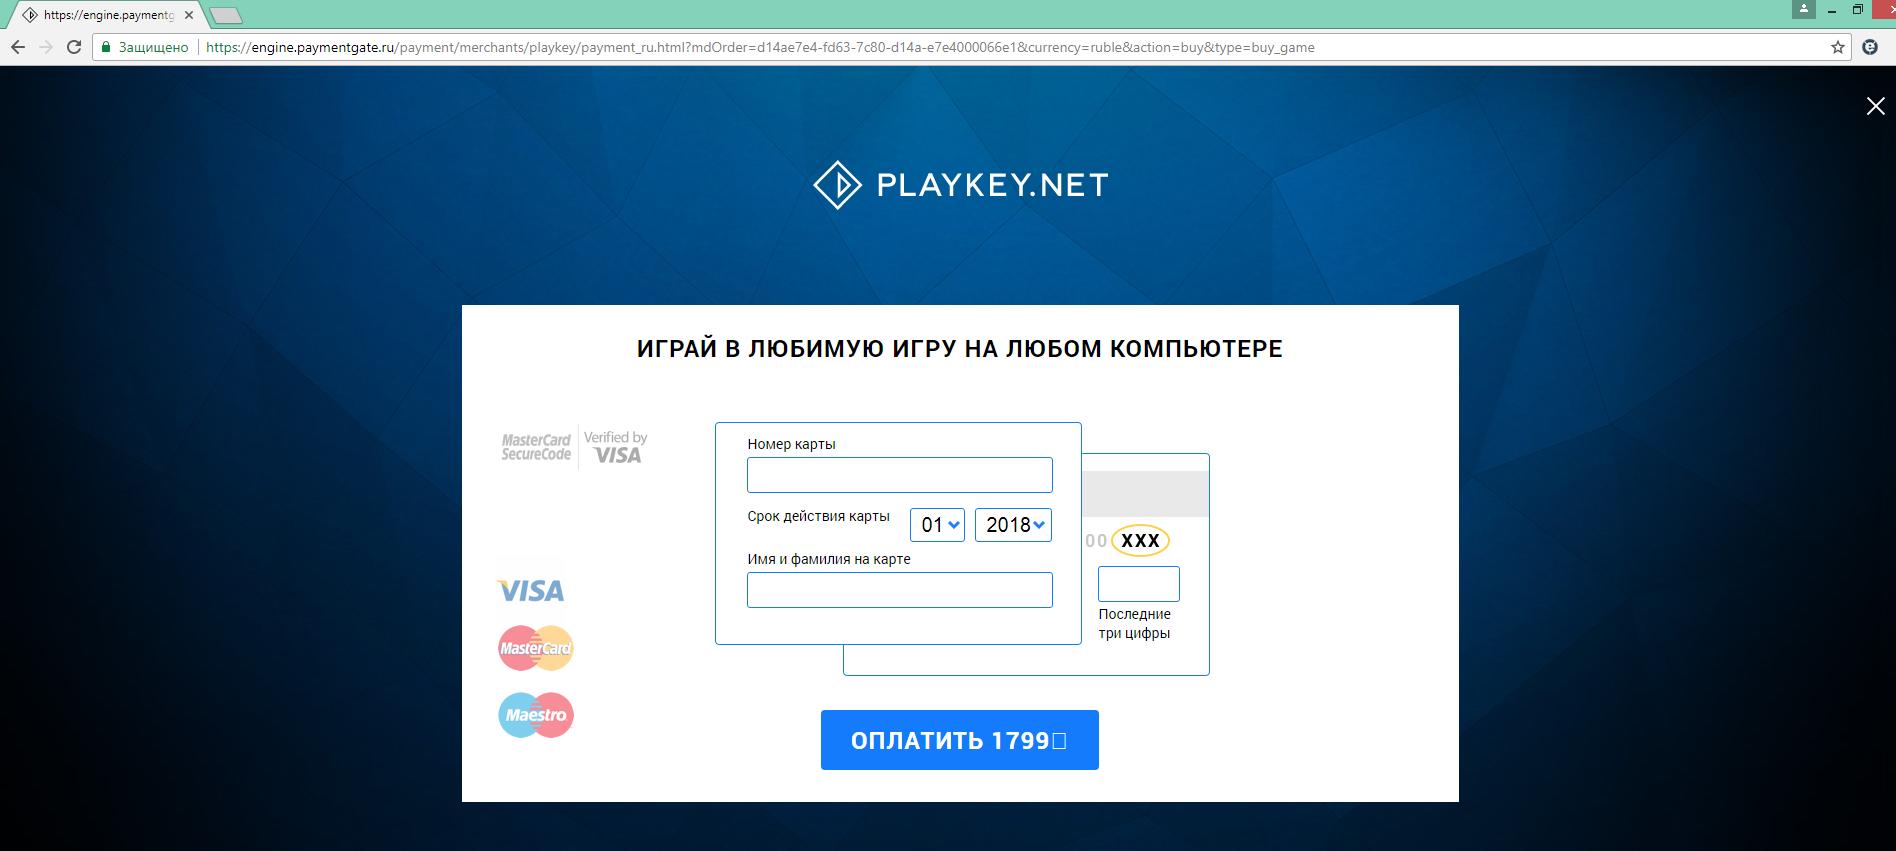 Playkey аккаунты с подпиской бесплатно 2017